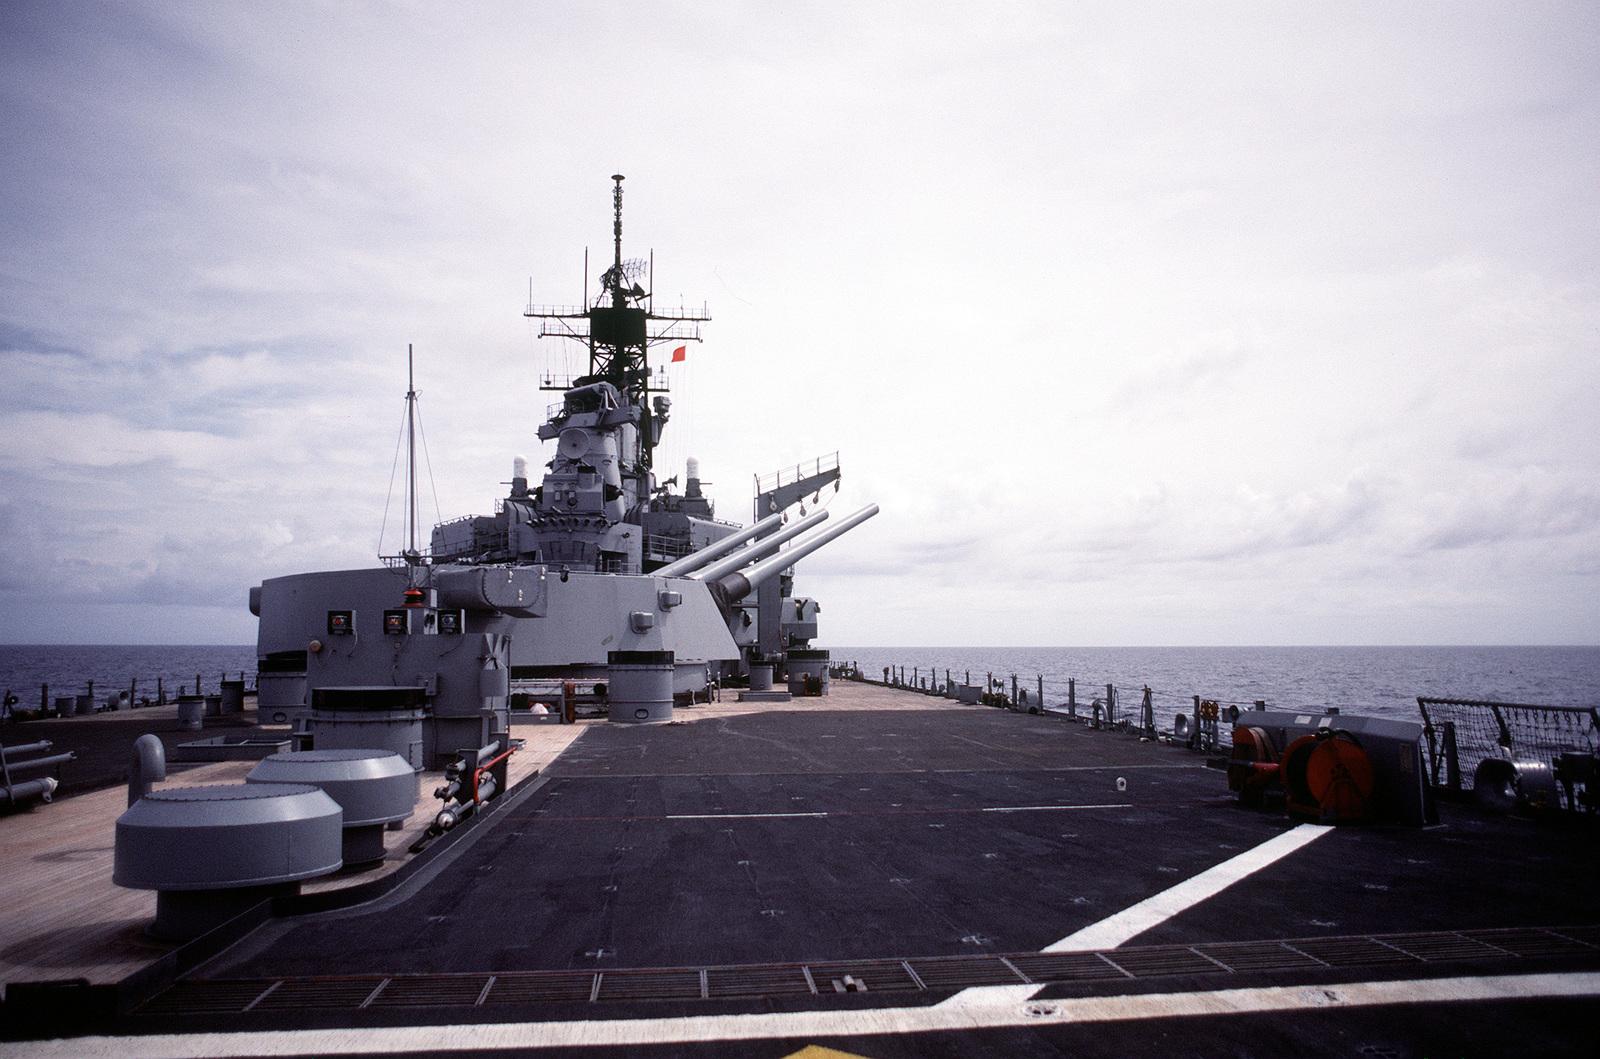 The No  3 Mark 7 16-inch/50 caliber gun turret aboard the